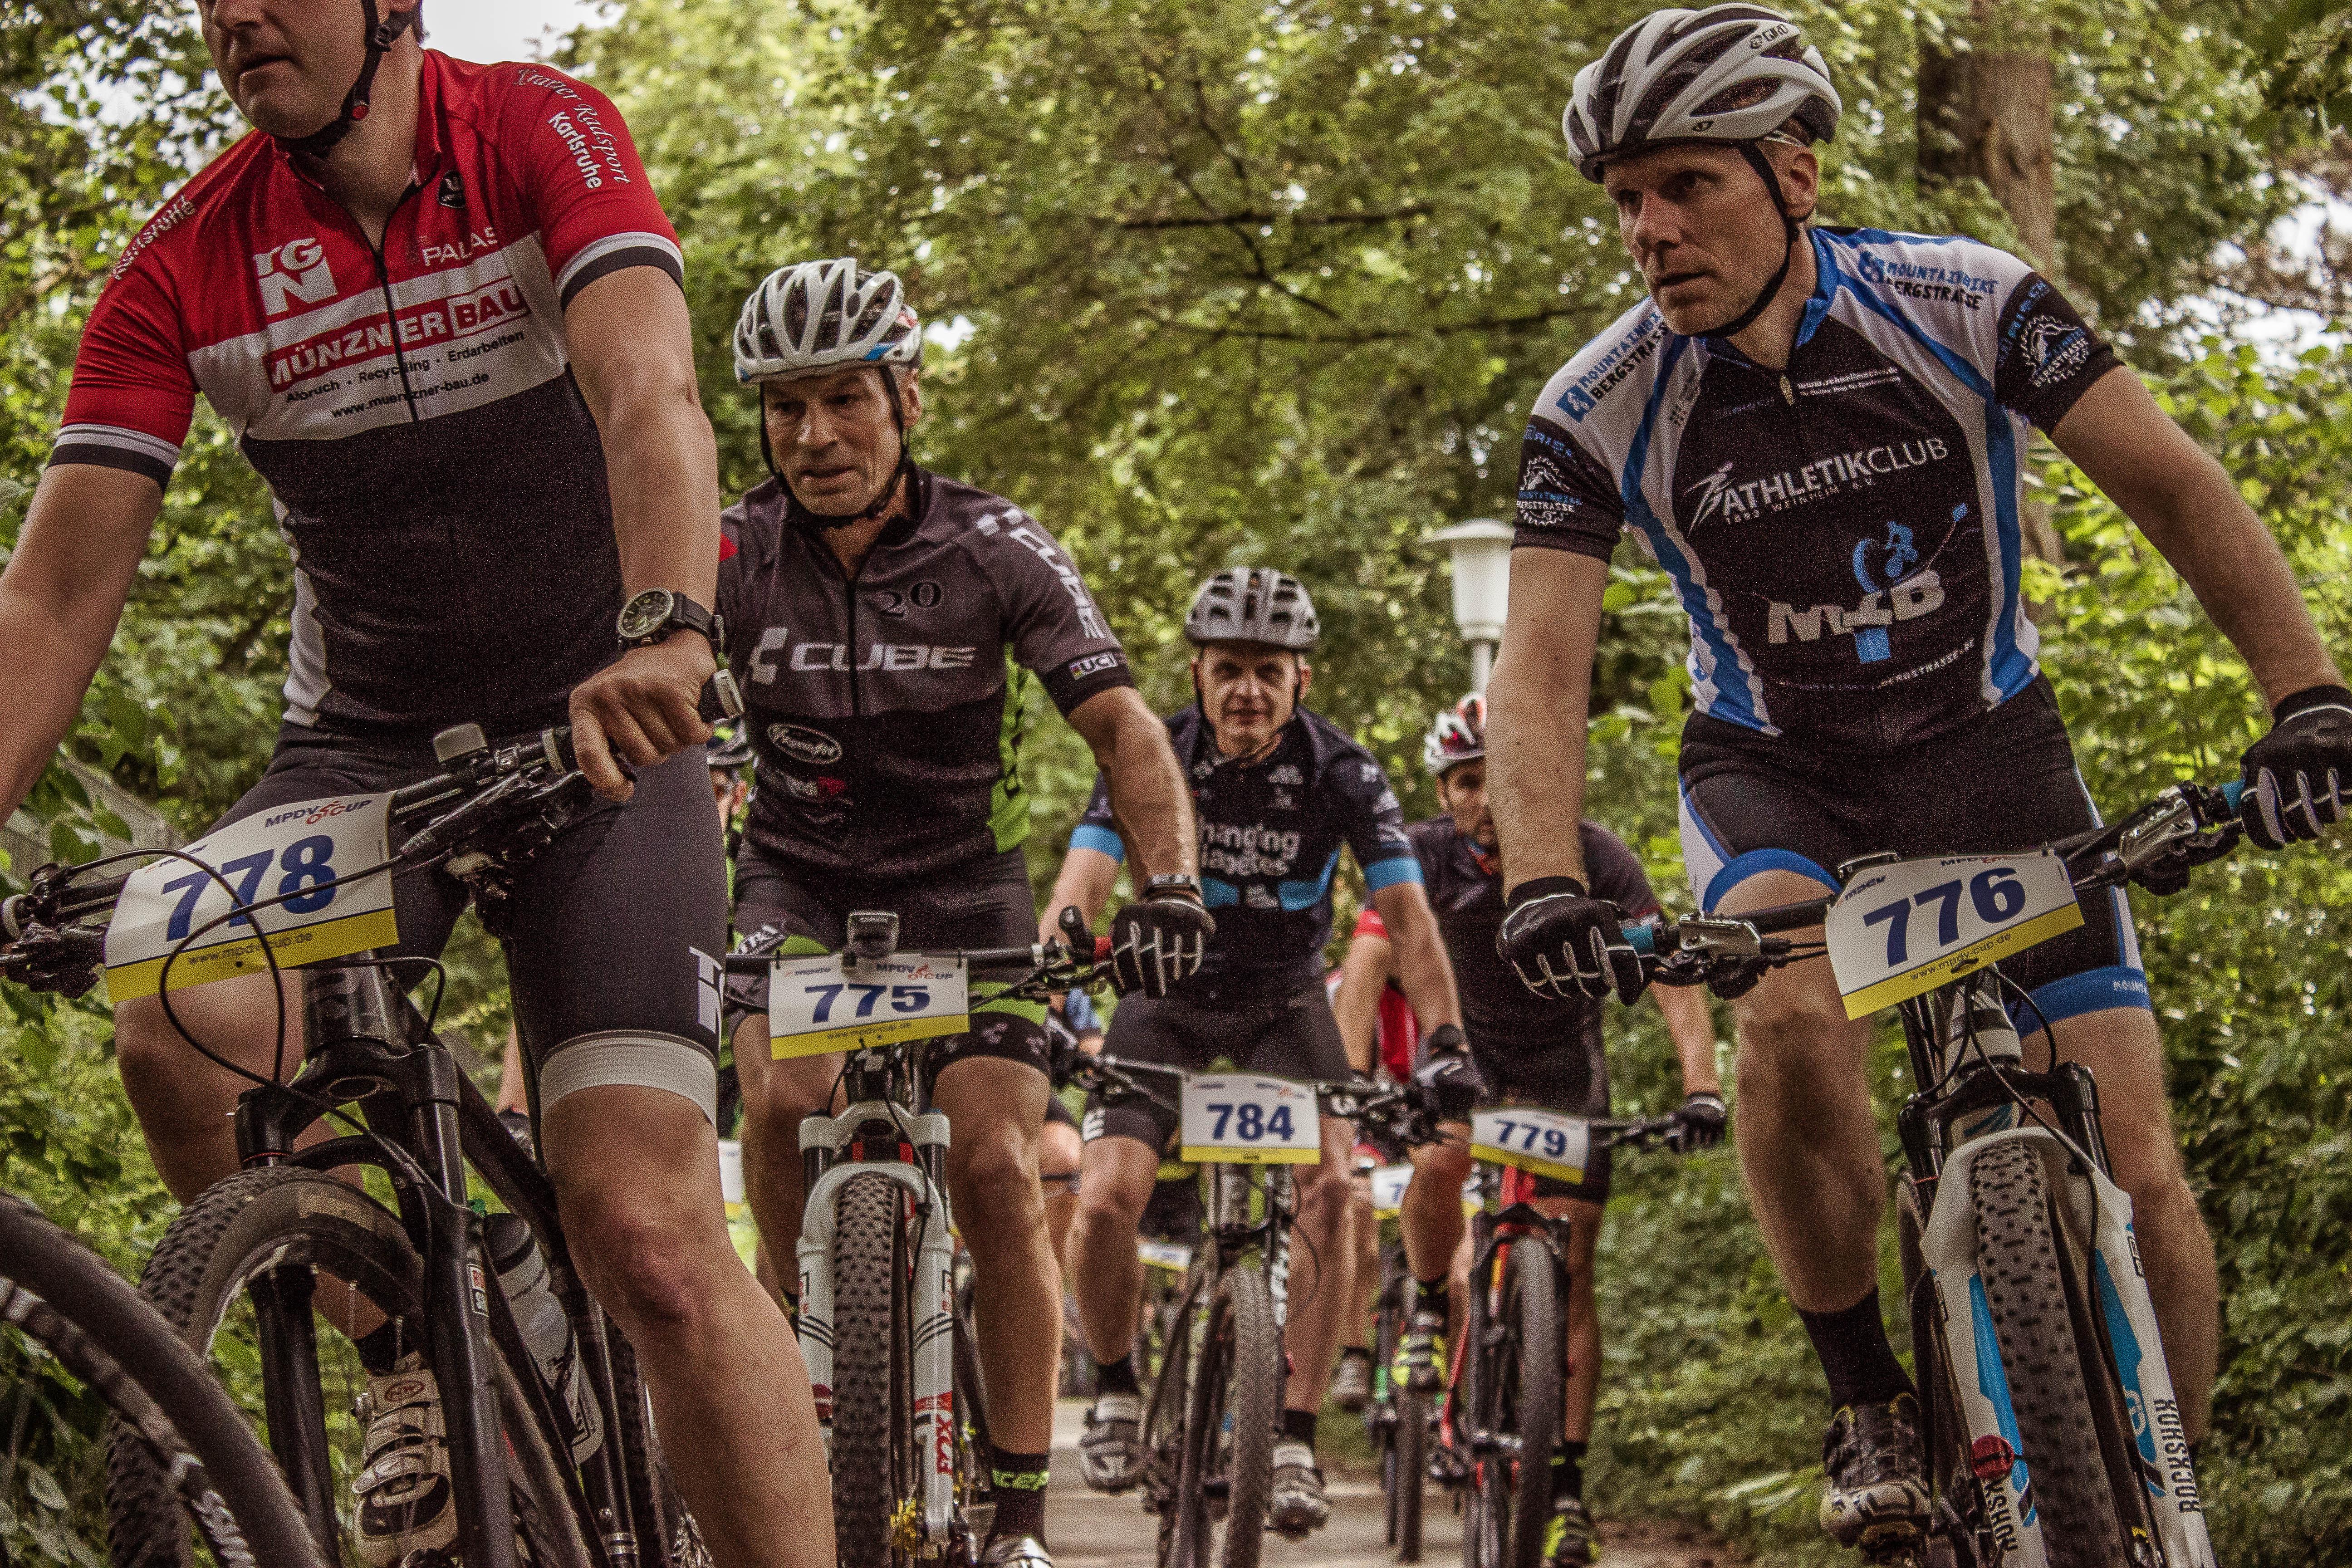 Radtourenfahren-Crosstourenfahren-Baden-Württemberg-Termine-2019-Breitensport